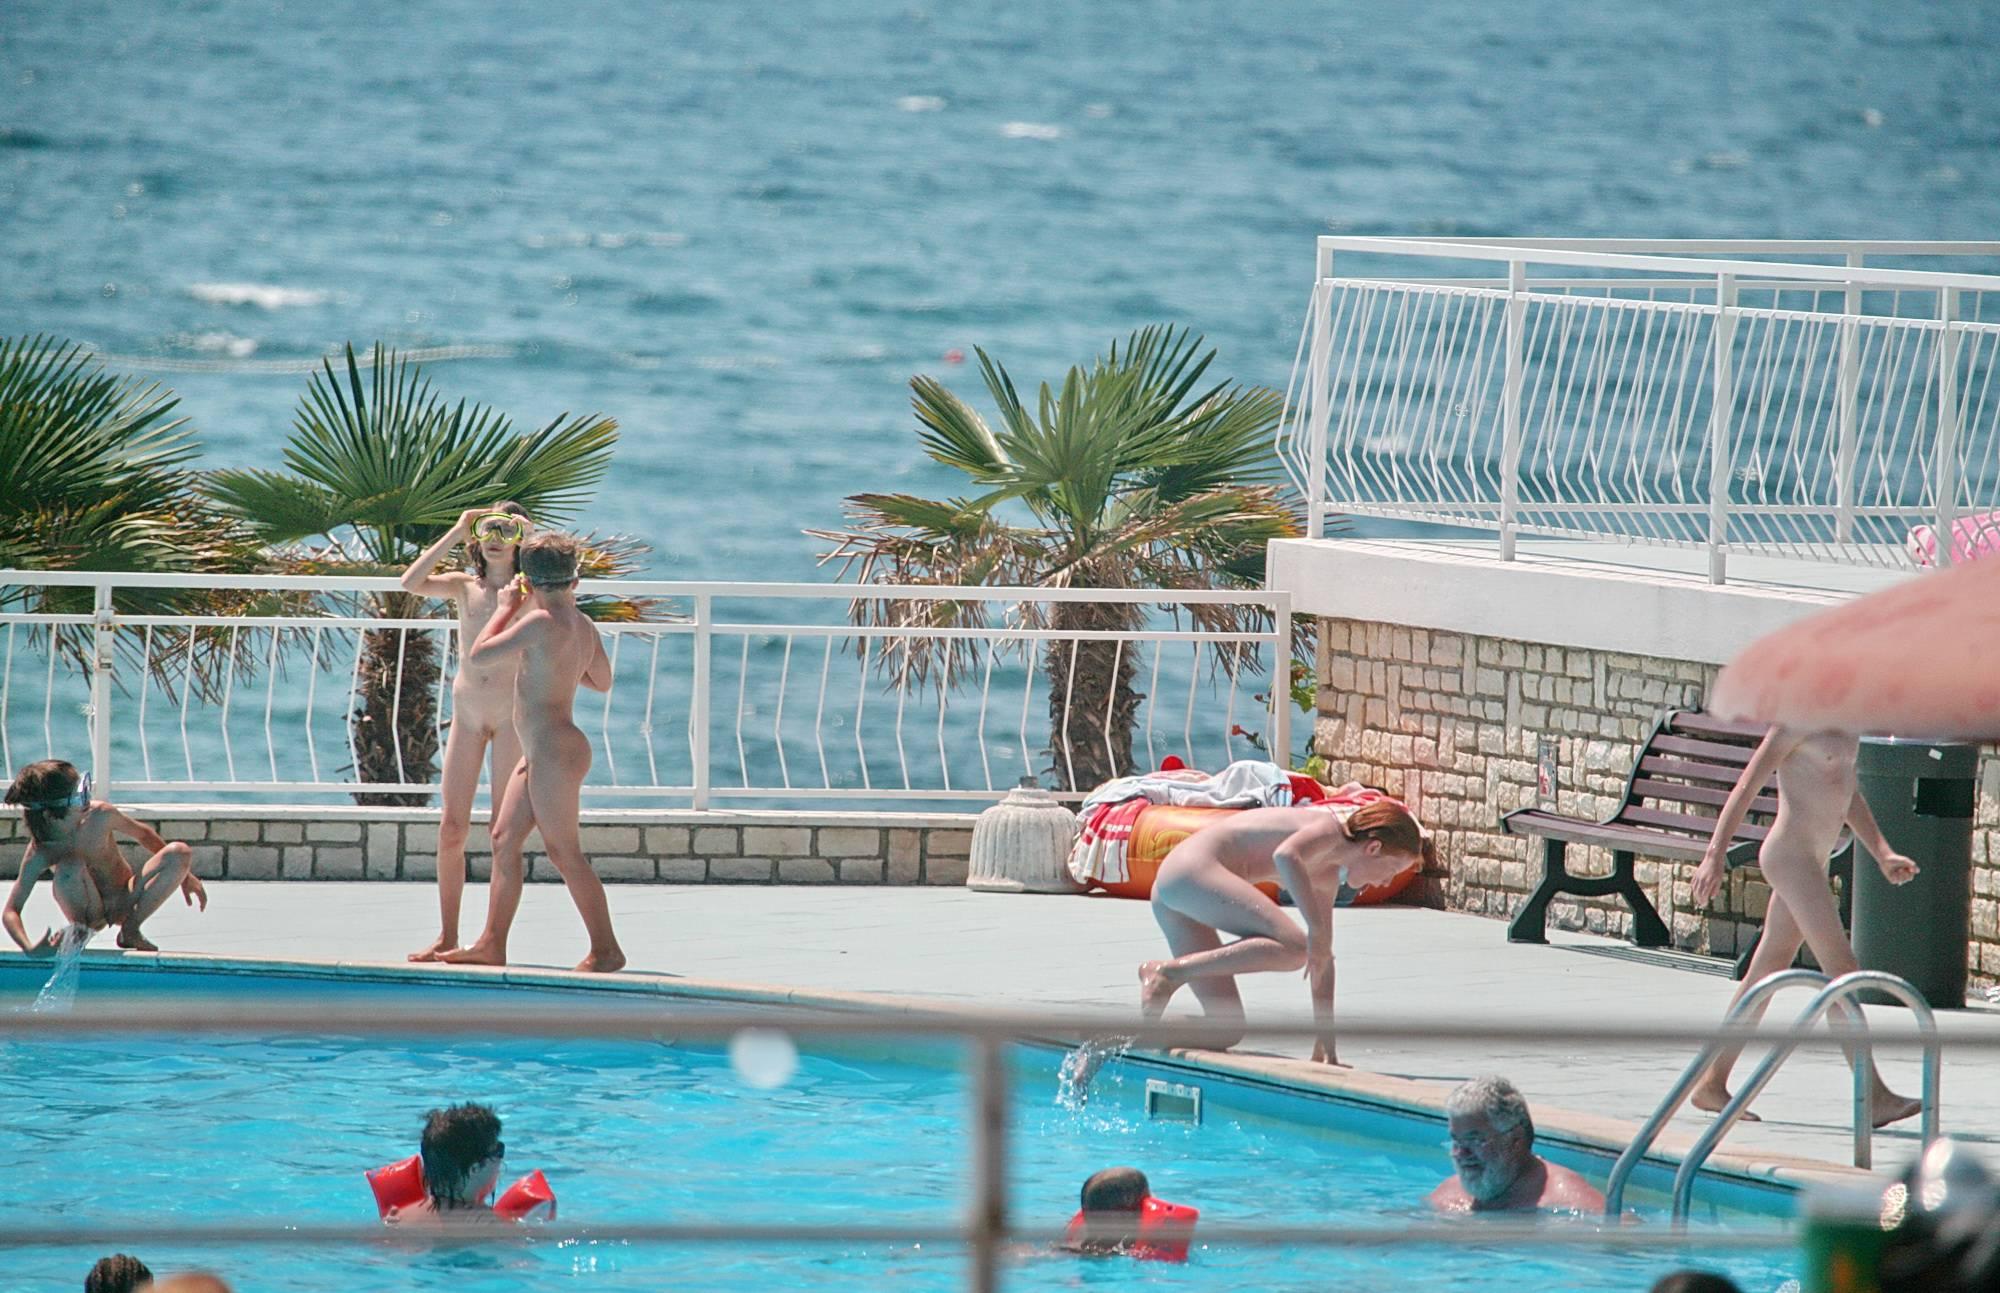 Nudist Pics On Pool Sunny Areas - 2